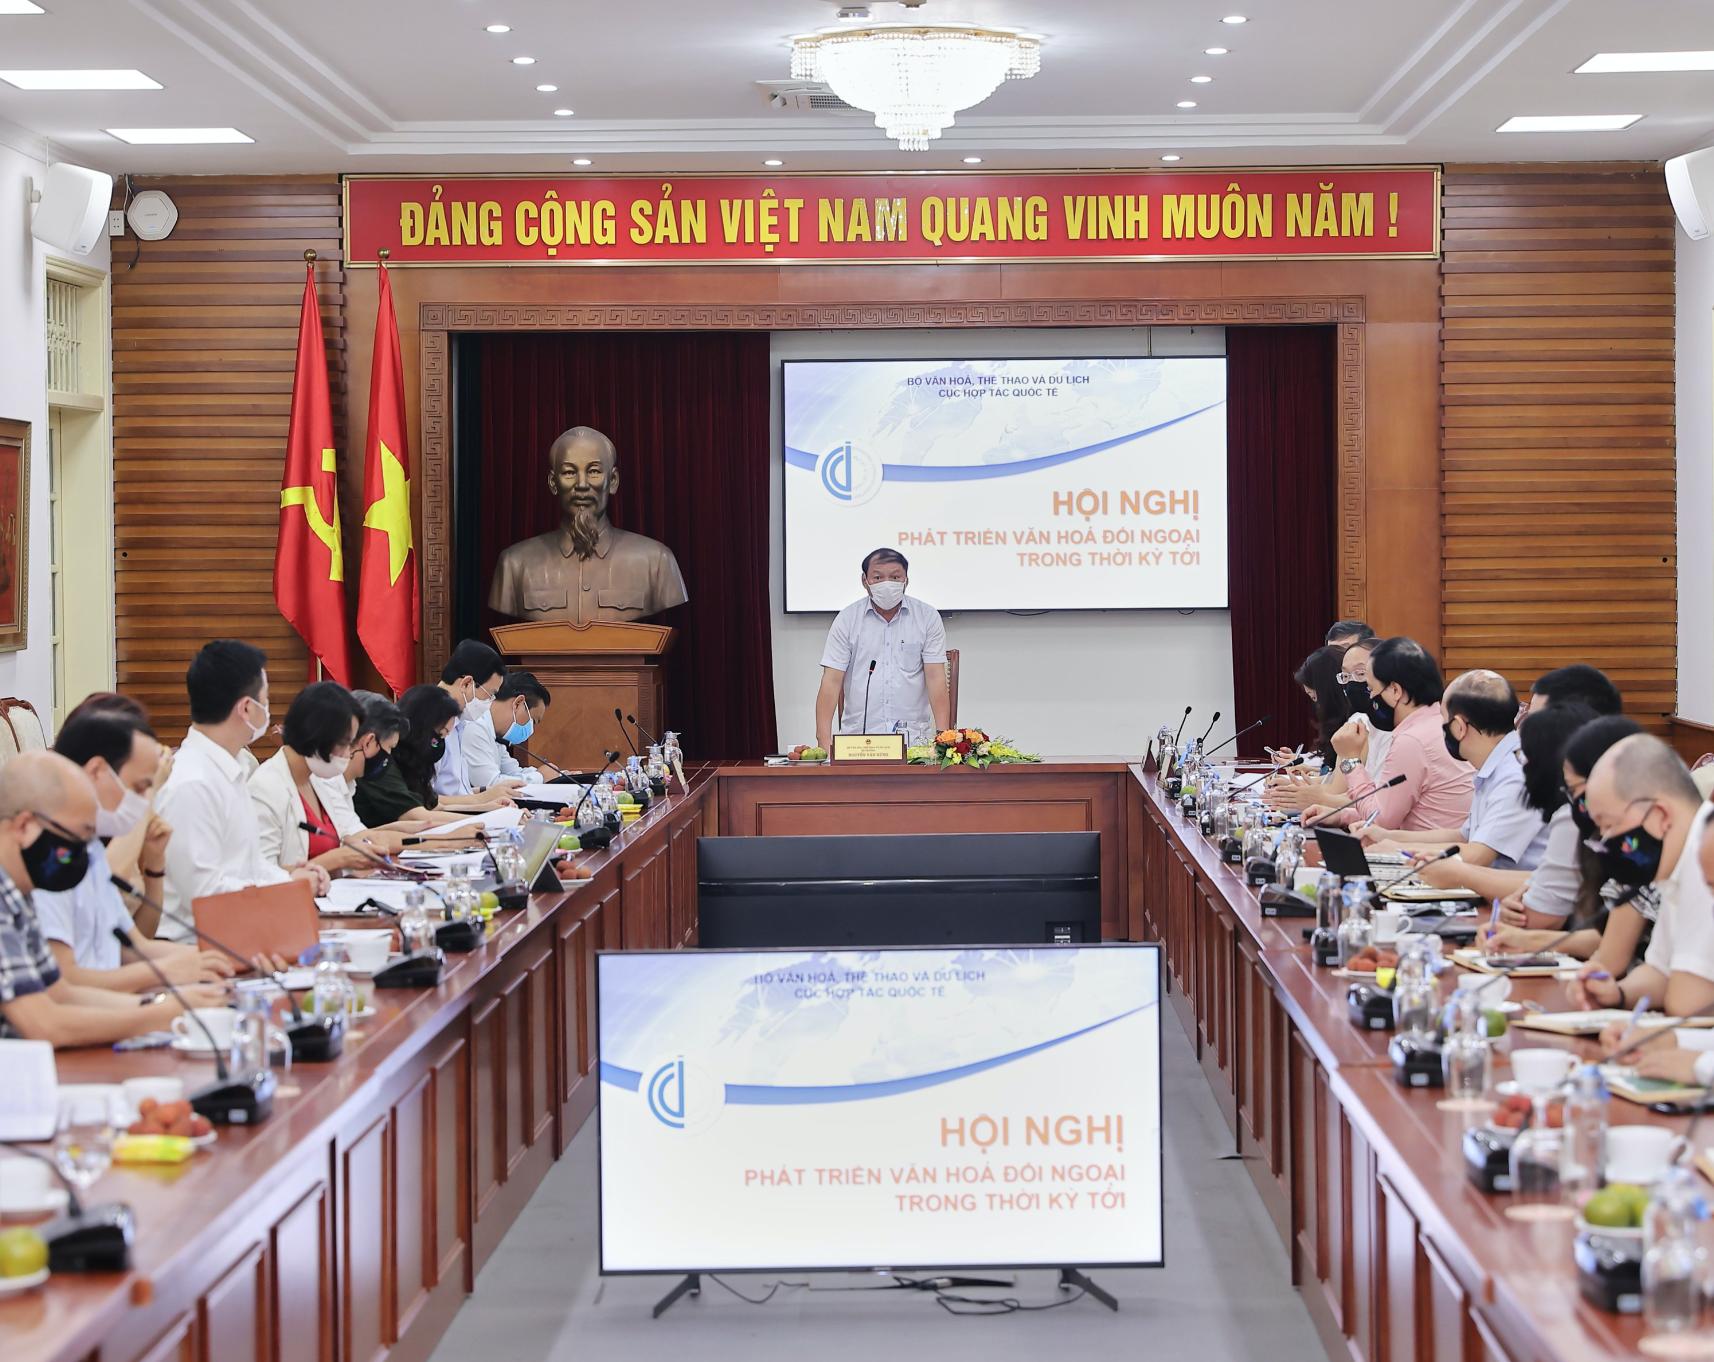 """Đẩy mạnh tính """"toàn diện, chủ động và kiên trì"""" trong triển khai công tác văn hóa đối ngoại của Việt Nam"""